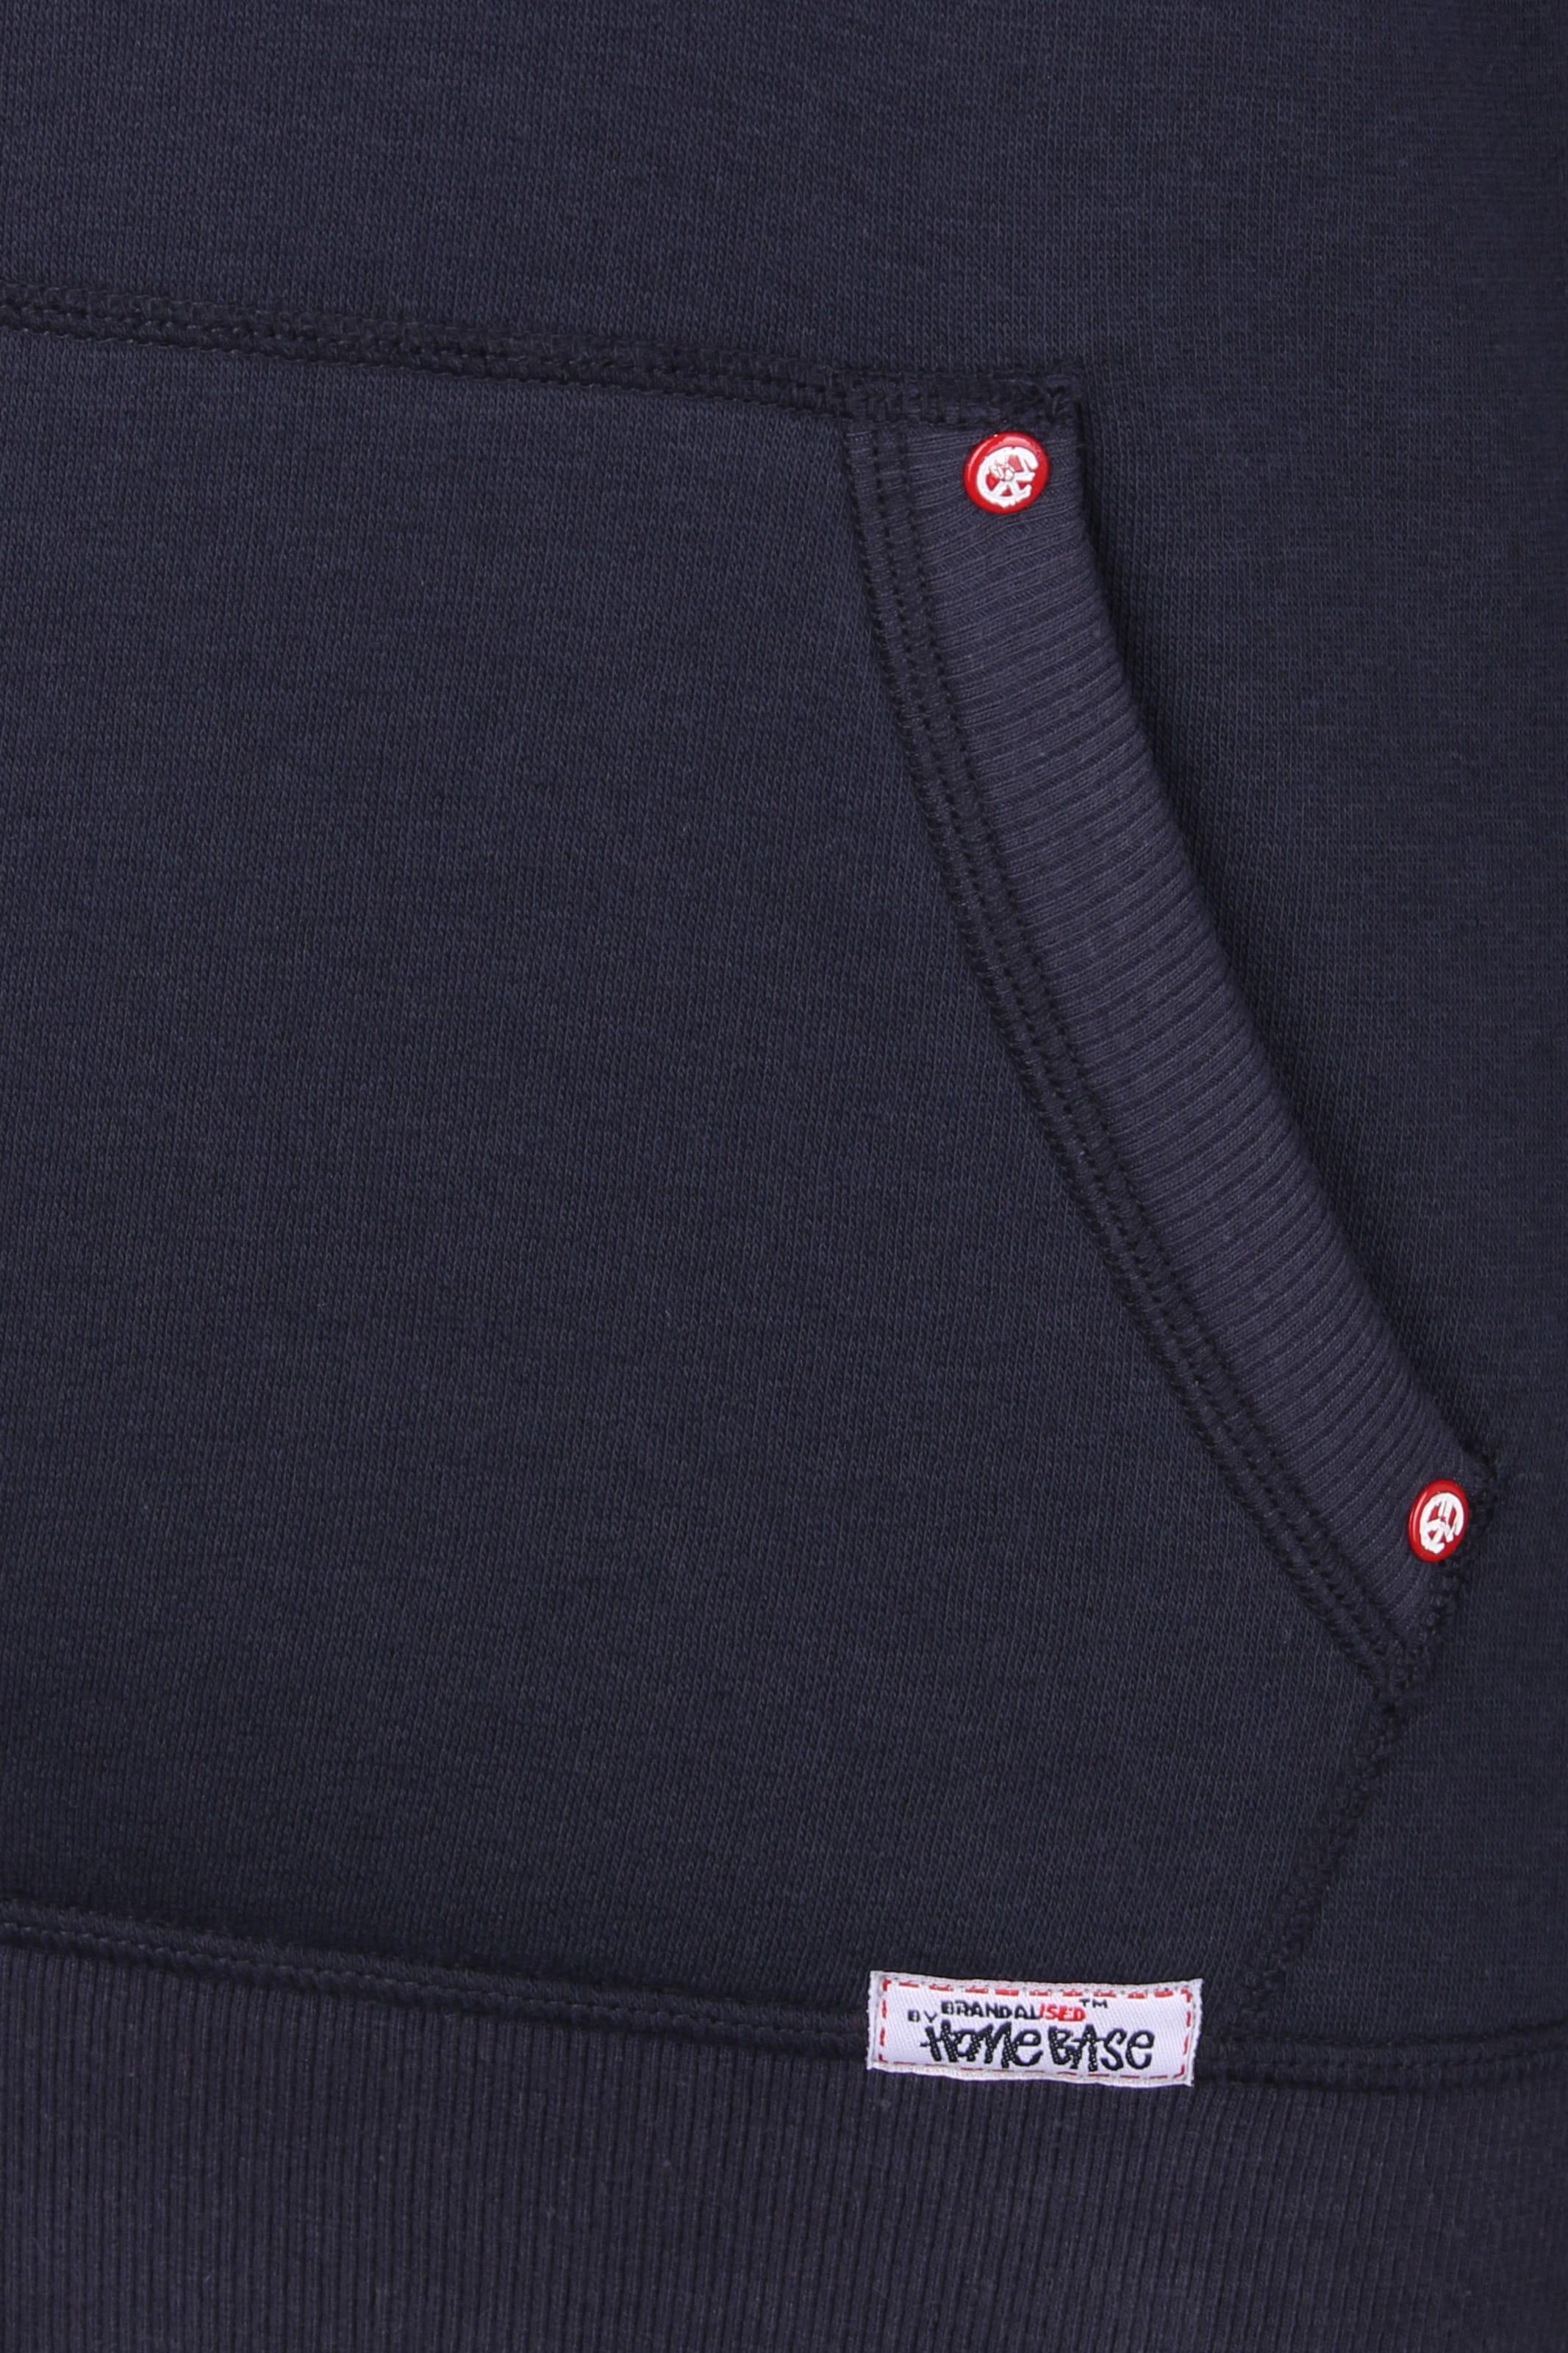 Vert Homebase shirt Gazon Bleu Blanc Rouge Clair Sweat En FoncéJaune sBCxQtrhd